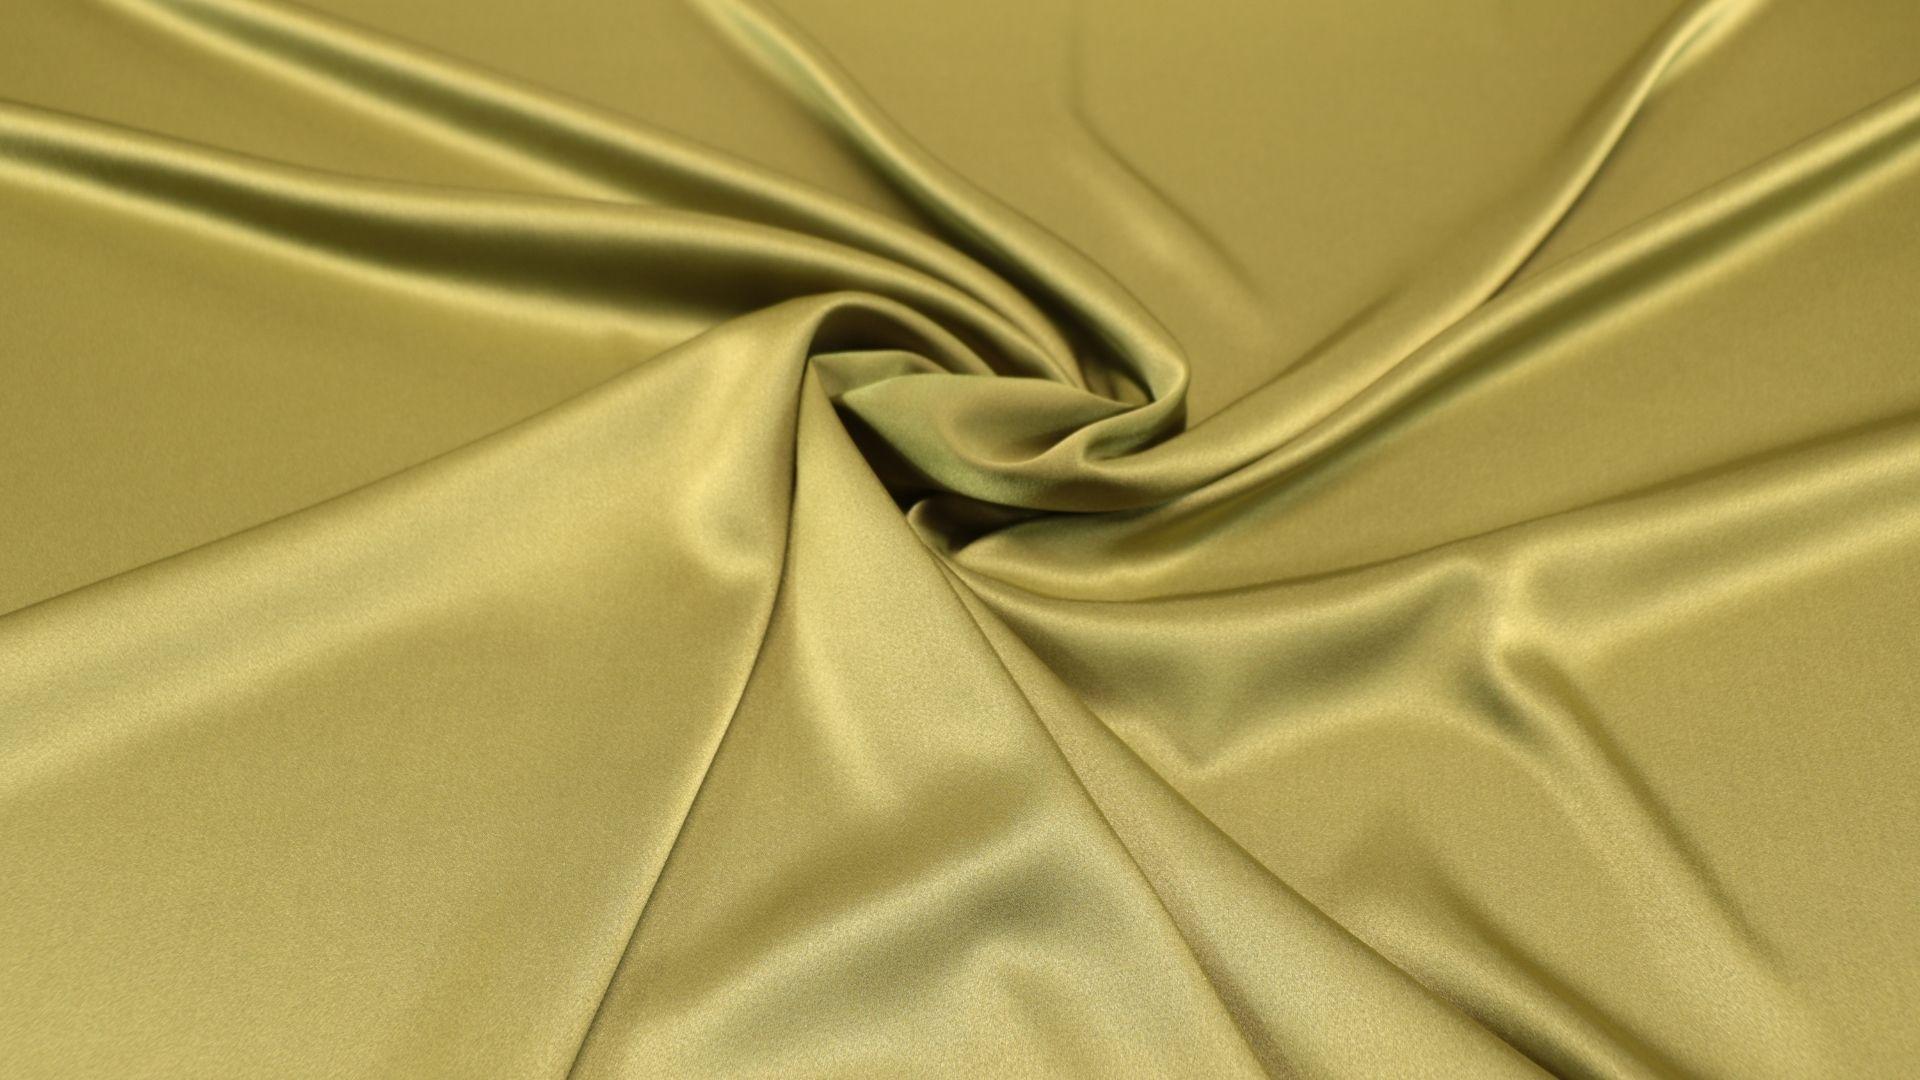 il particolare del tessuto satin perlato, appartenente alla categoria uniti serici, di Leadford & Logan